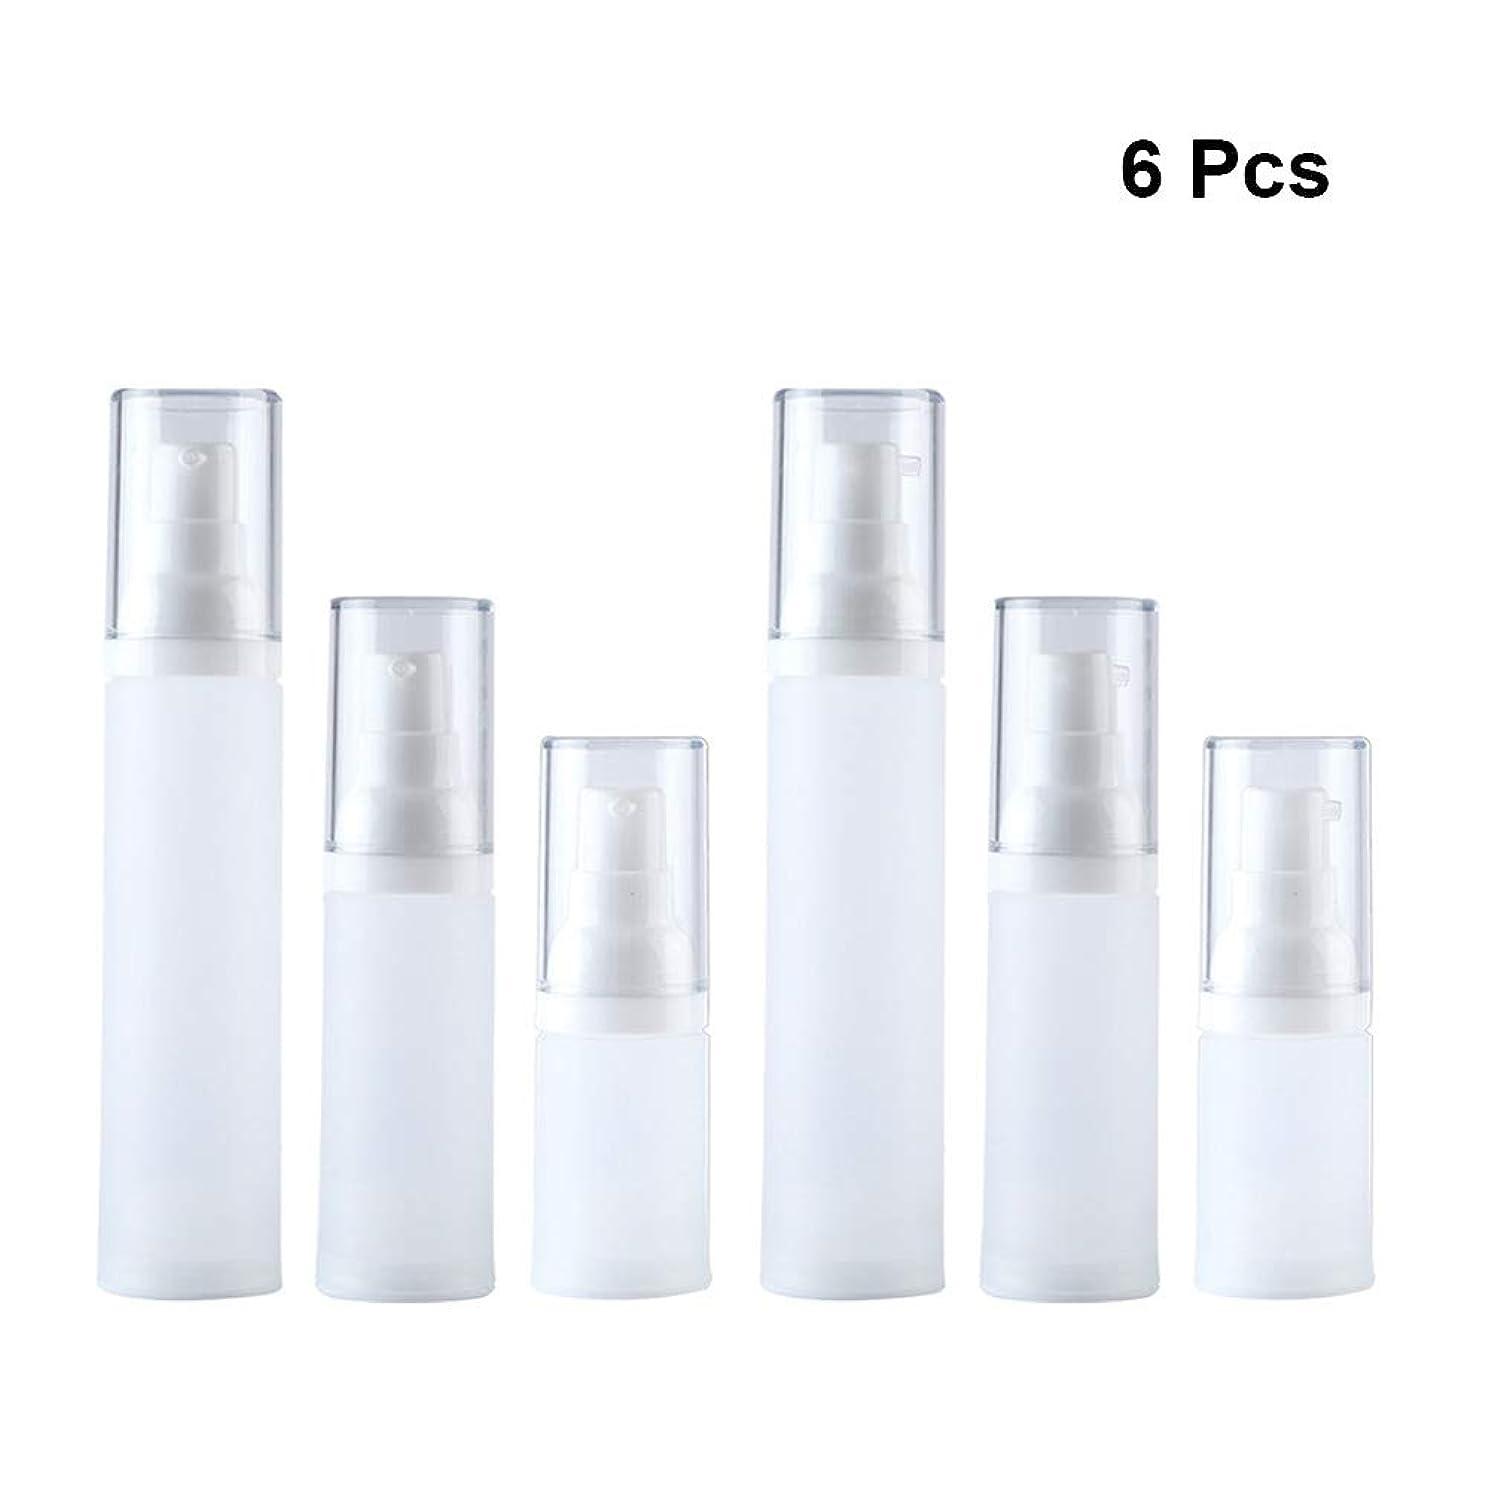 収束だらしないの量Lurrose 6ピーススプレーボトルリークプルーフ詰め替えスクイーズポンプボトル用旅行化粧品香水